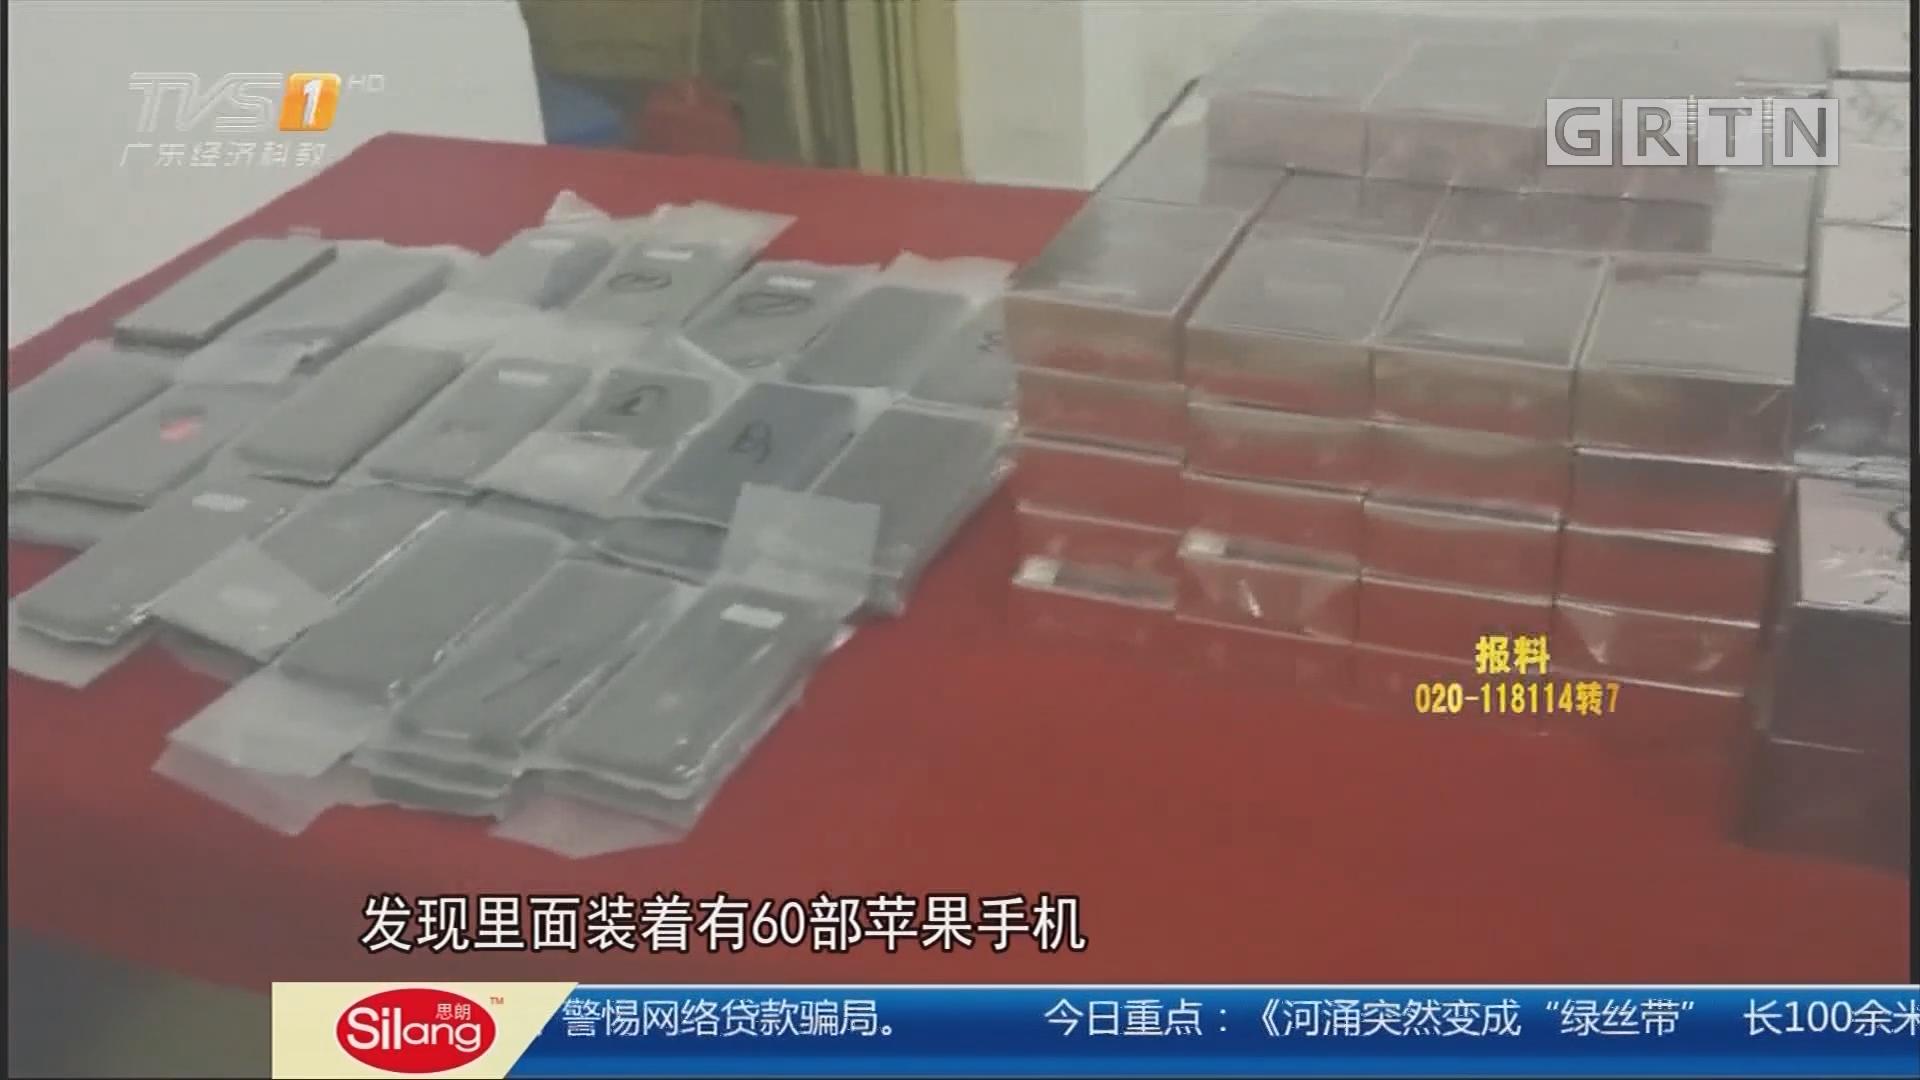 深圳:女司机趁夜入境 车上的货物能开店